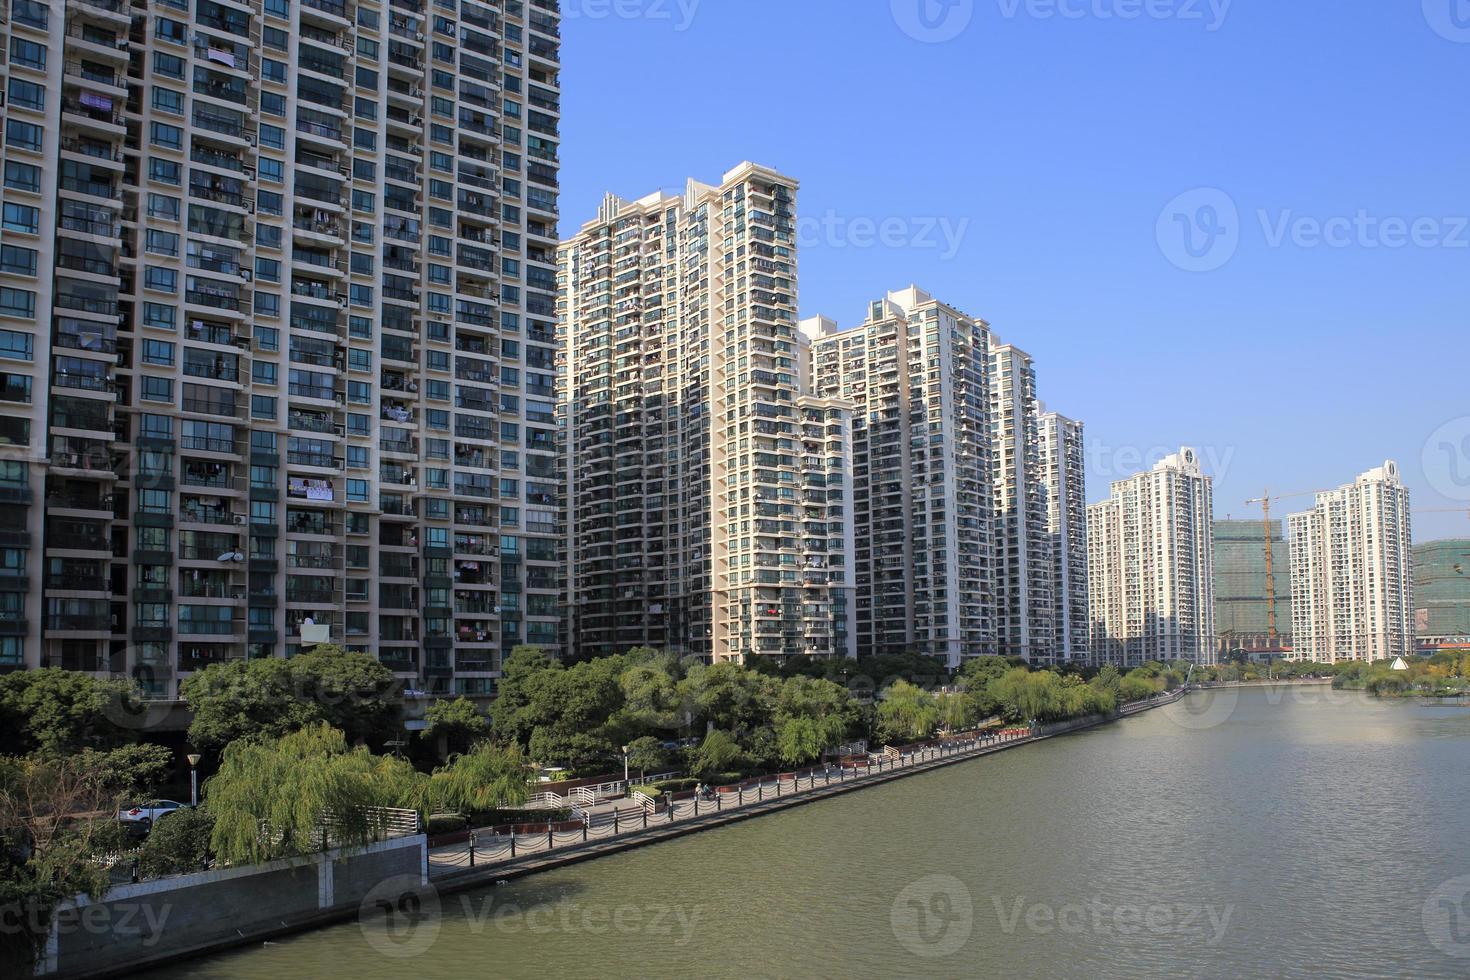 Shanghai suzhou river park appartements photo